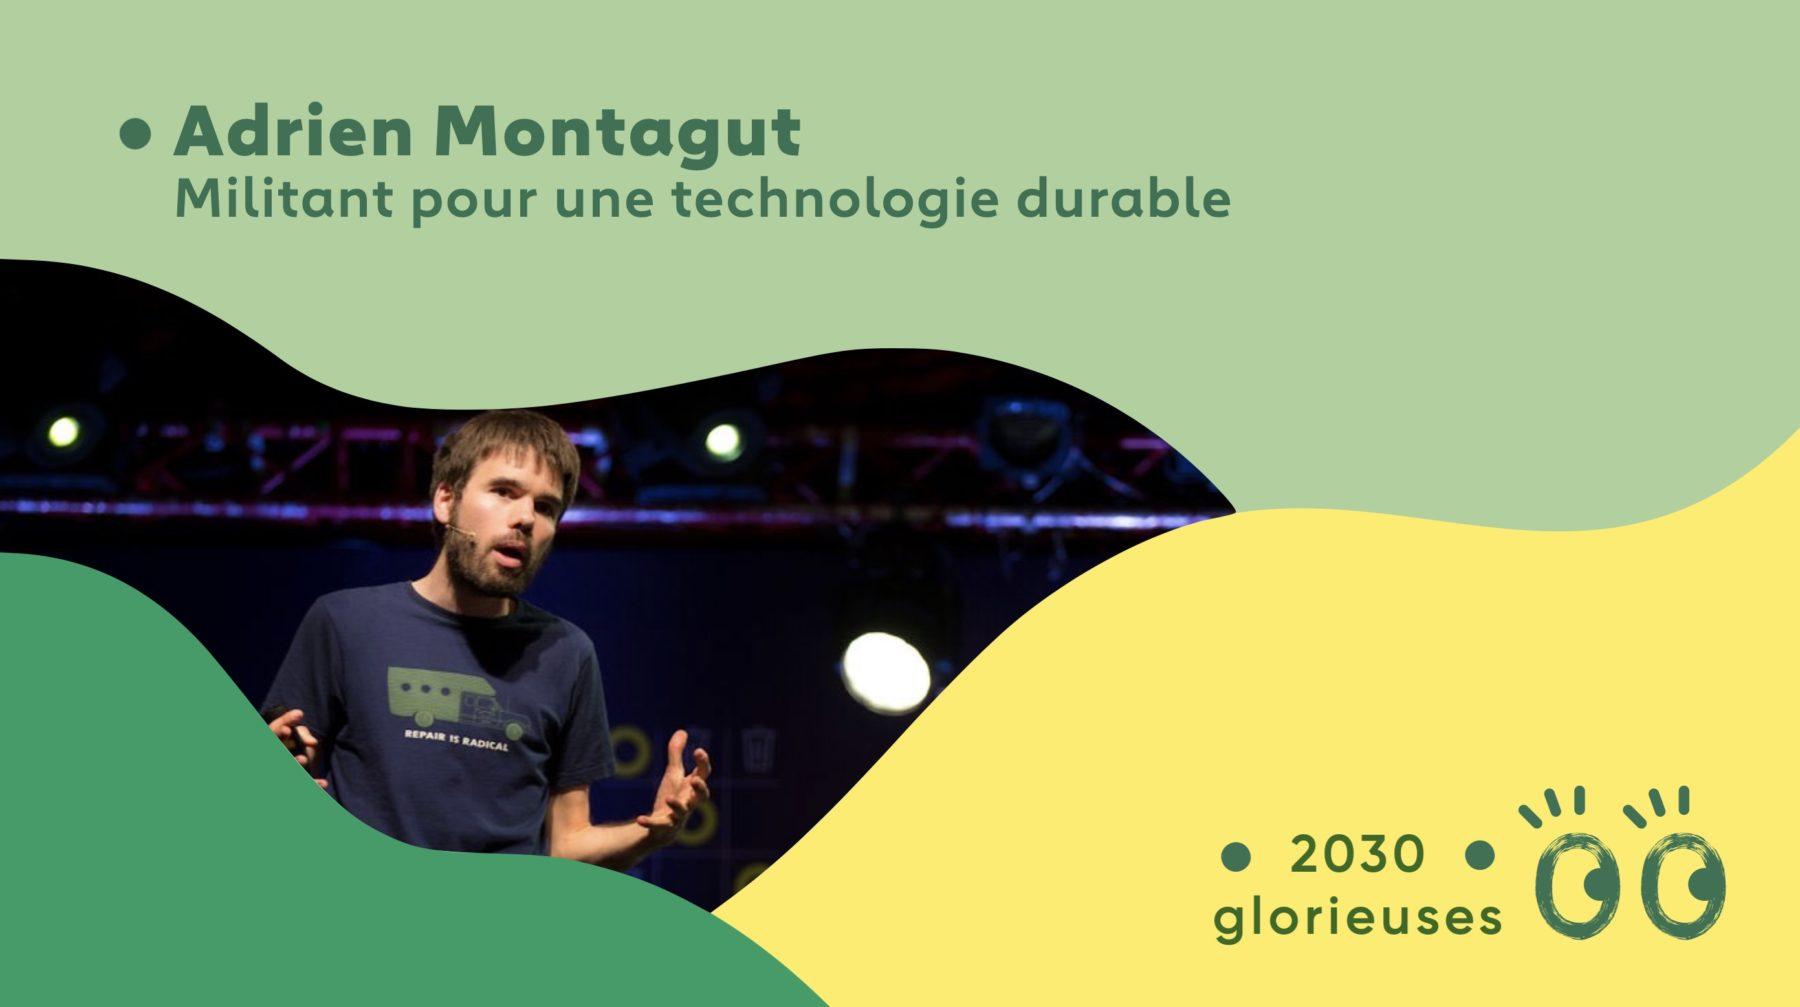 2030 Glorieuses #11 : Adrien Montagut